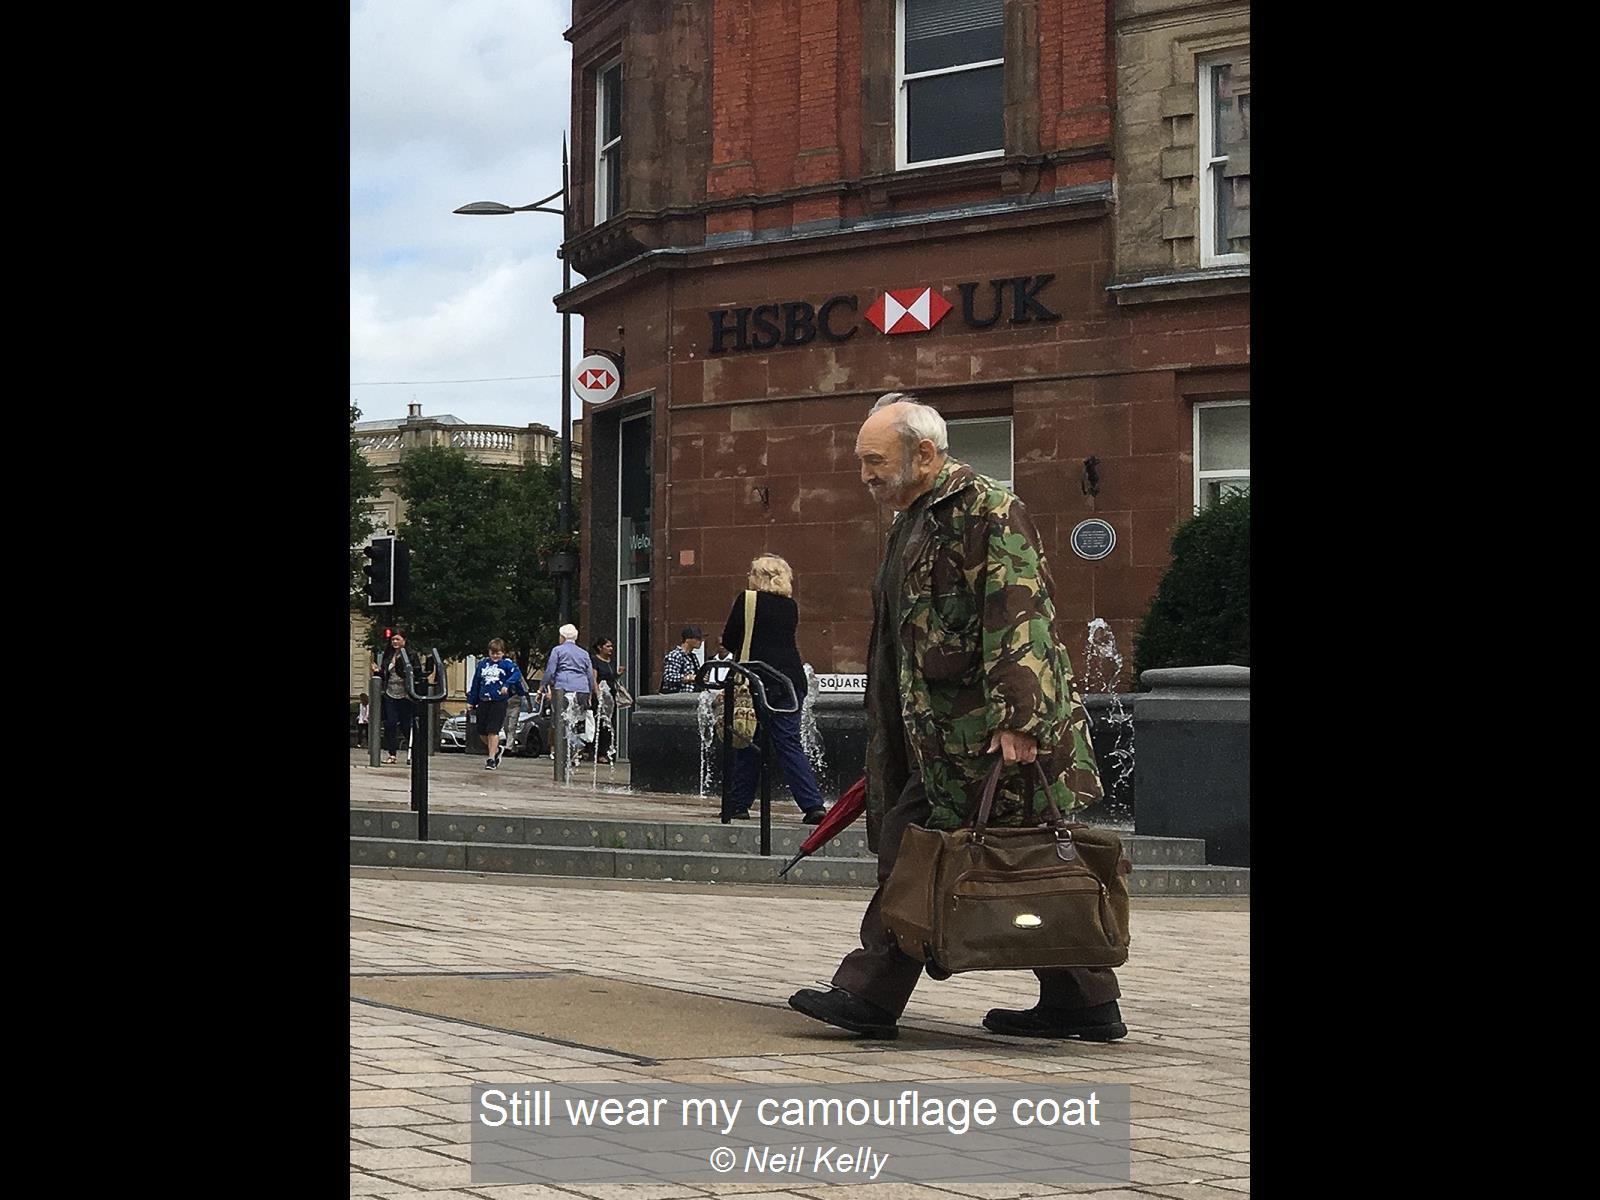 Neil Kelly_Still wear my camouflage coat